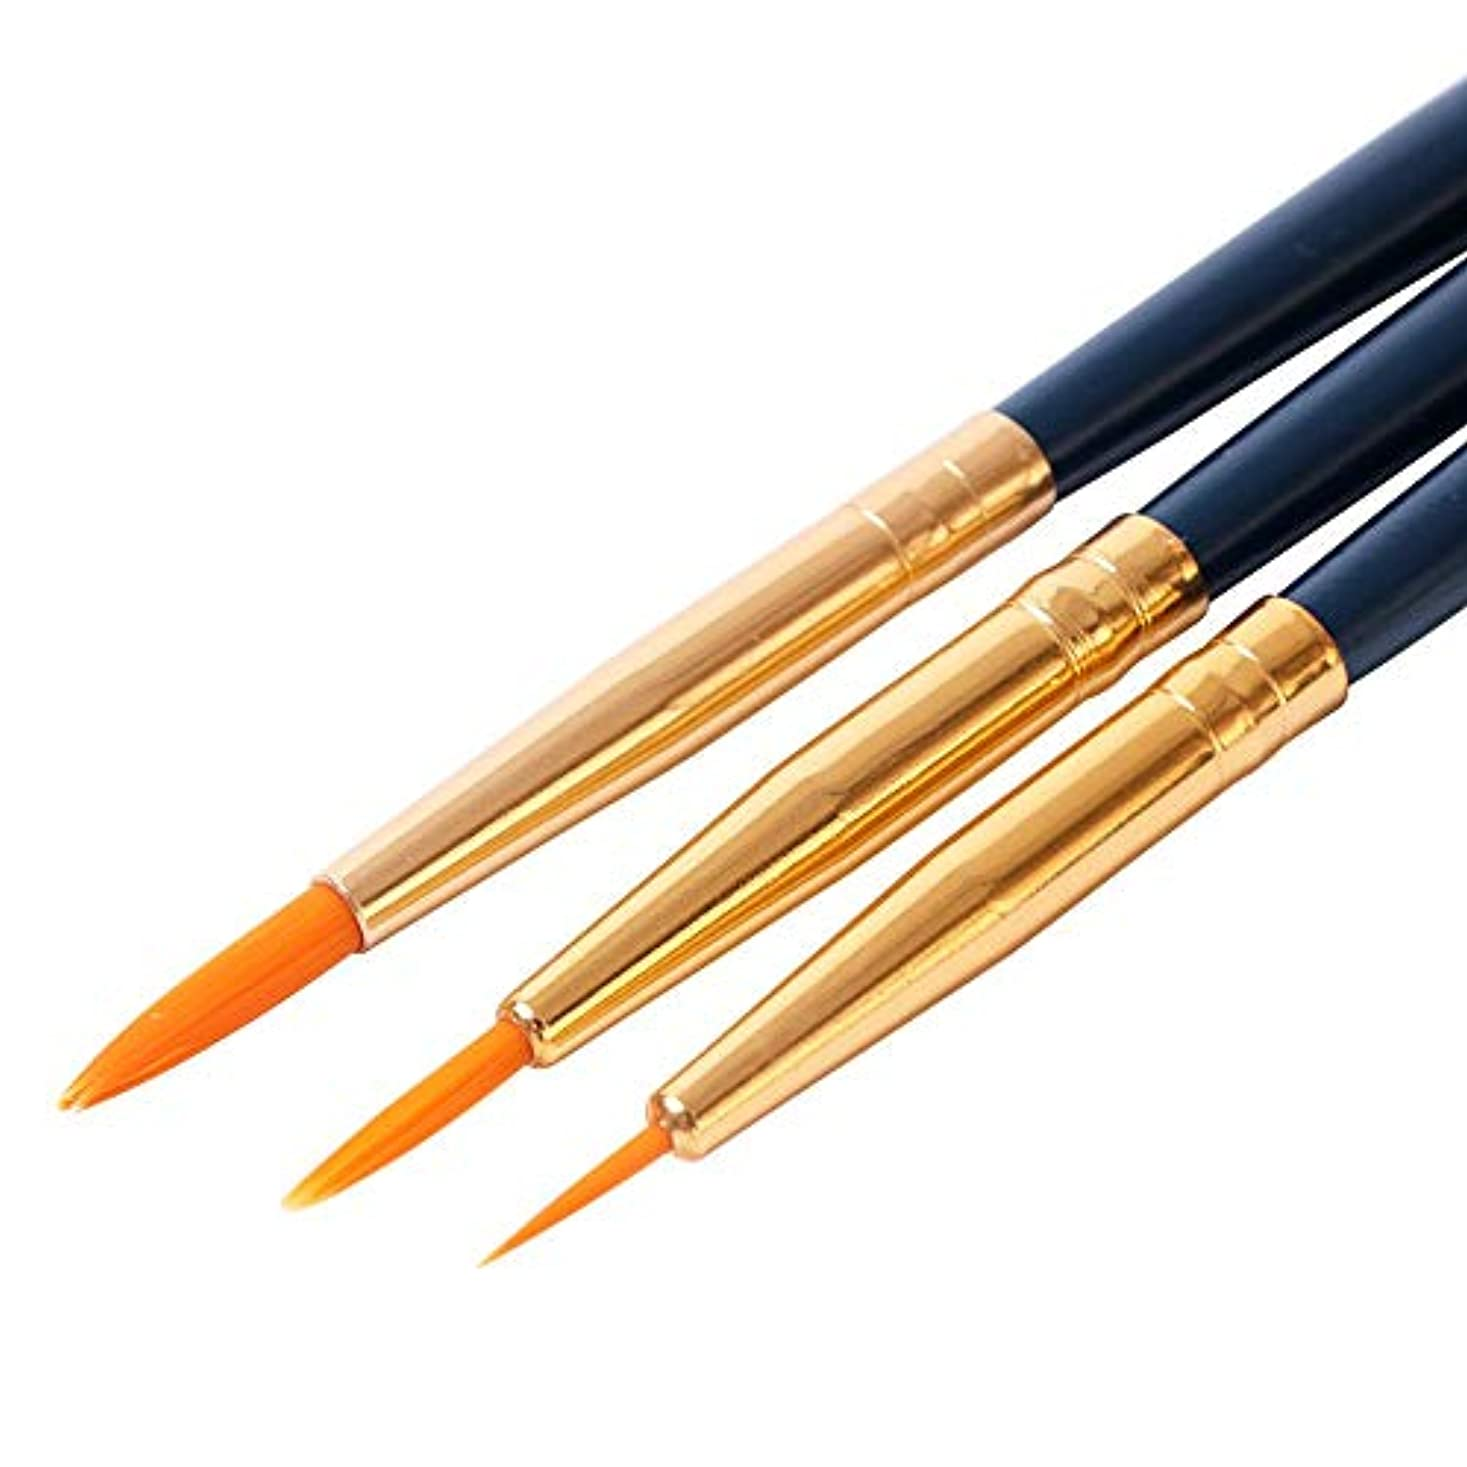 くちばし血色の良い養う1ピースアクリル彫刻ブラシネイルアート絵画ライナーブラシペンセットuvジェルネイルポリッシュフラワーストライプ描画マニキュアツールSA817